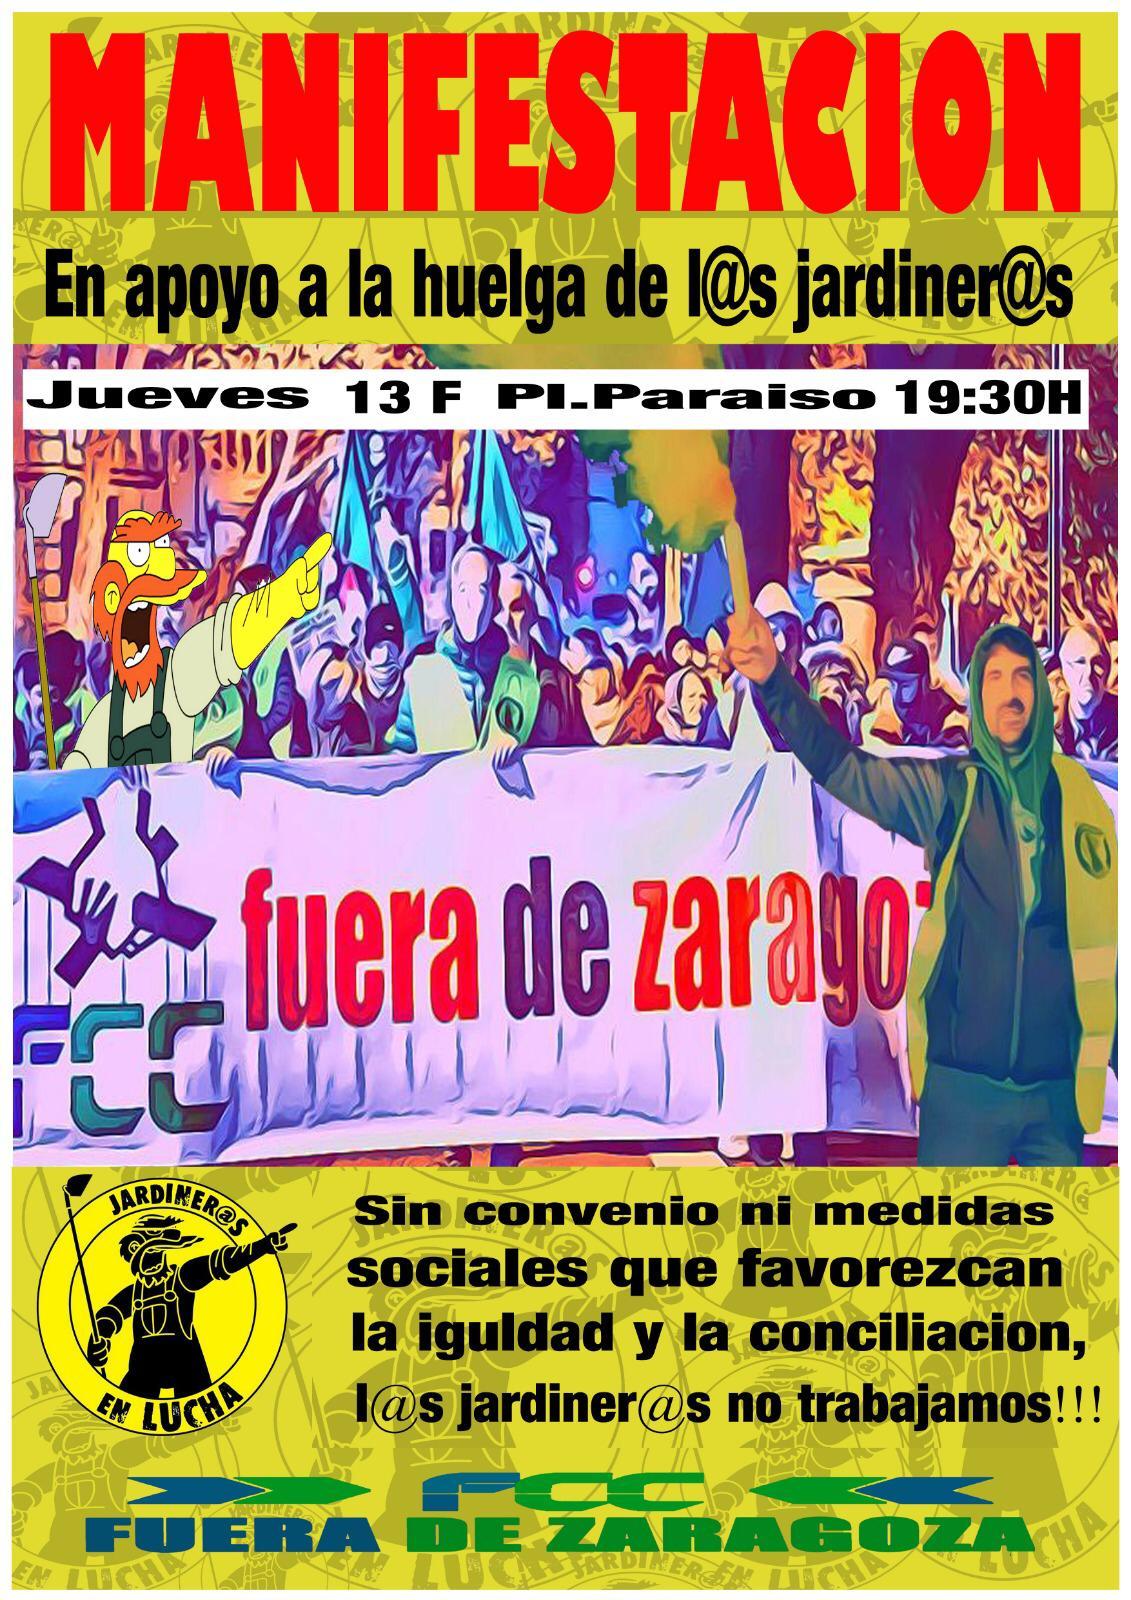 Manifestación en apoyo a los jardiner@s. Jueves 13 a las 19:30 h.